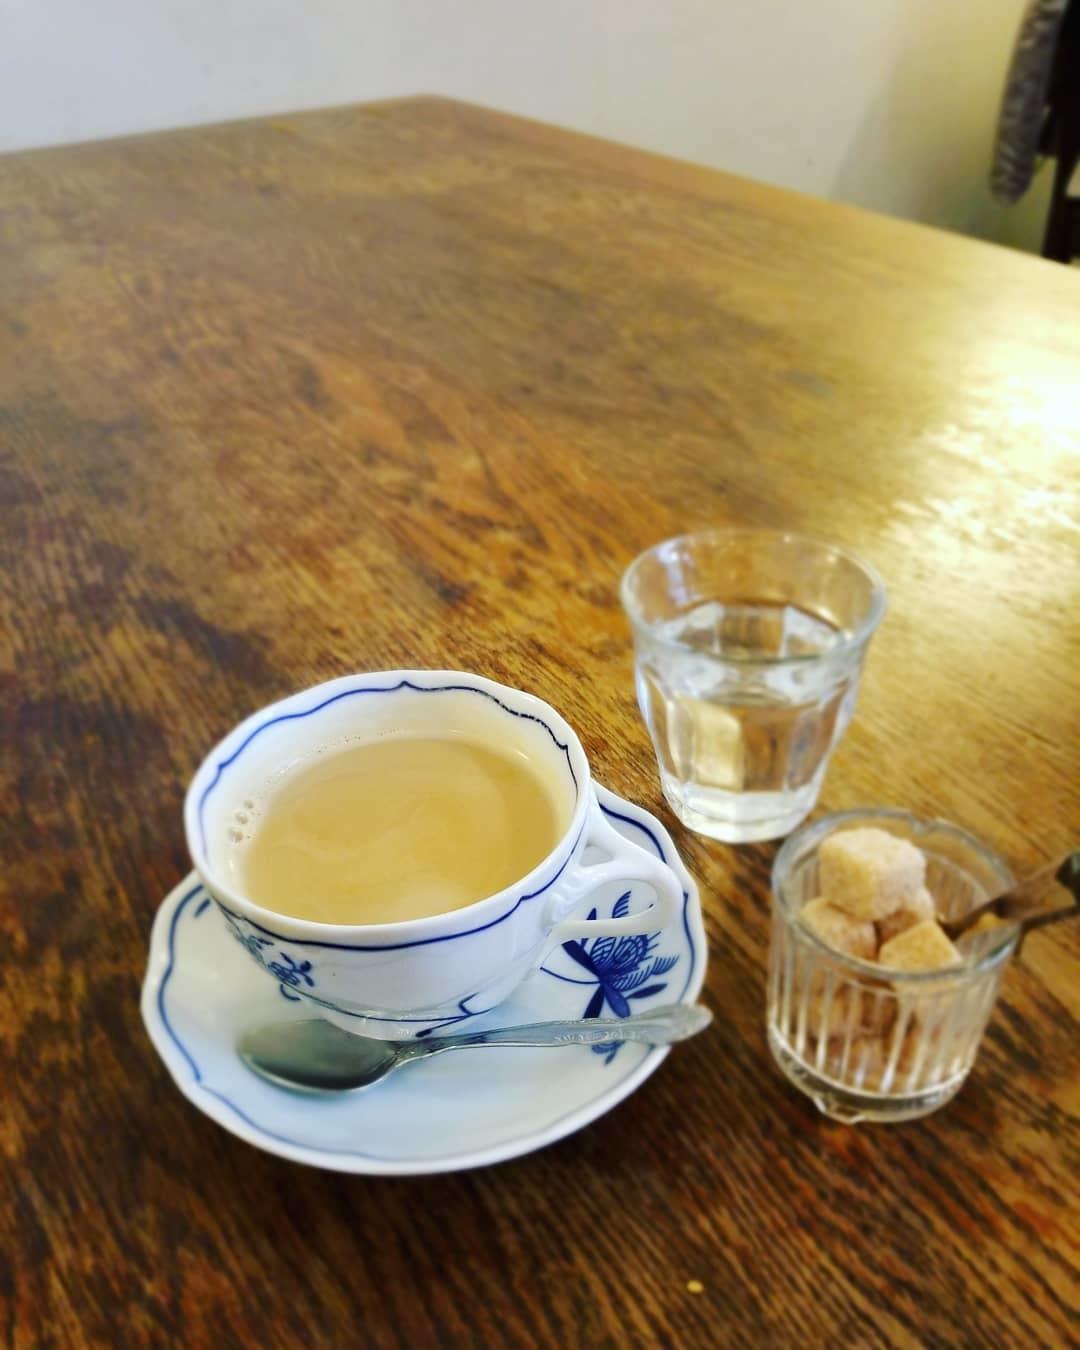 新宿百人町のオアシス「カフェ アリエ」* 新大久保で見つけた穴場カフェ♪_f0236260_08581744.jpg